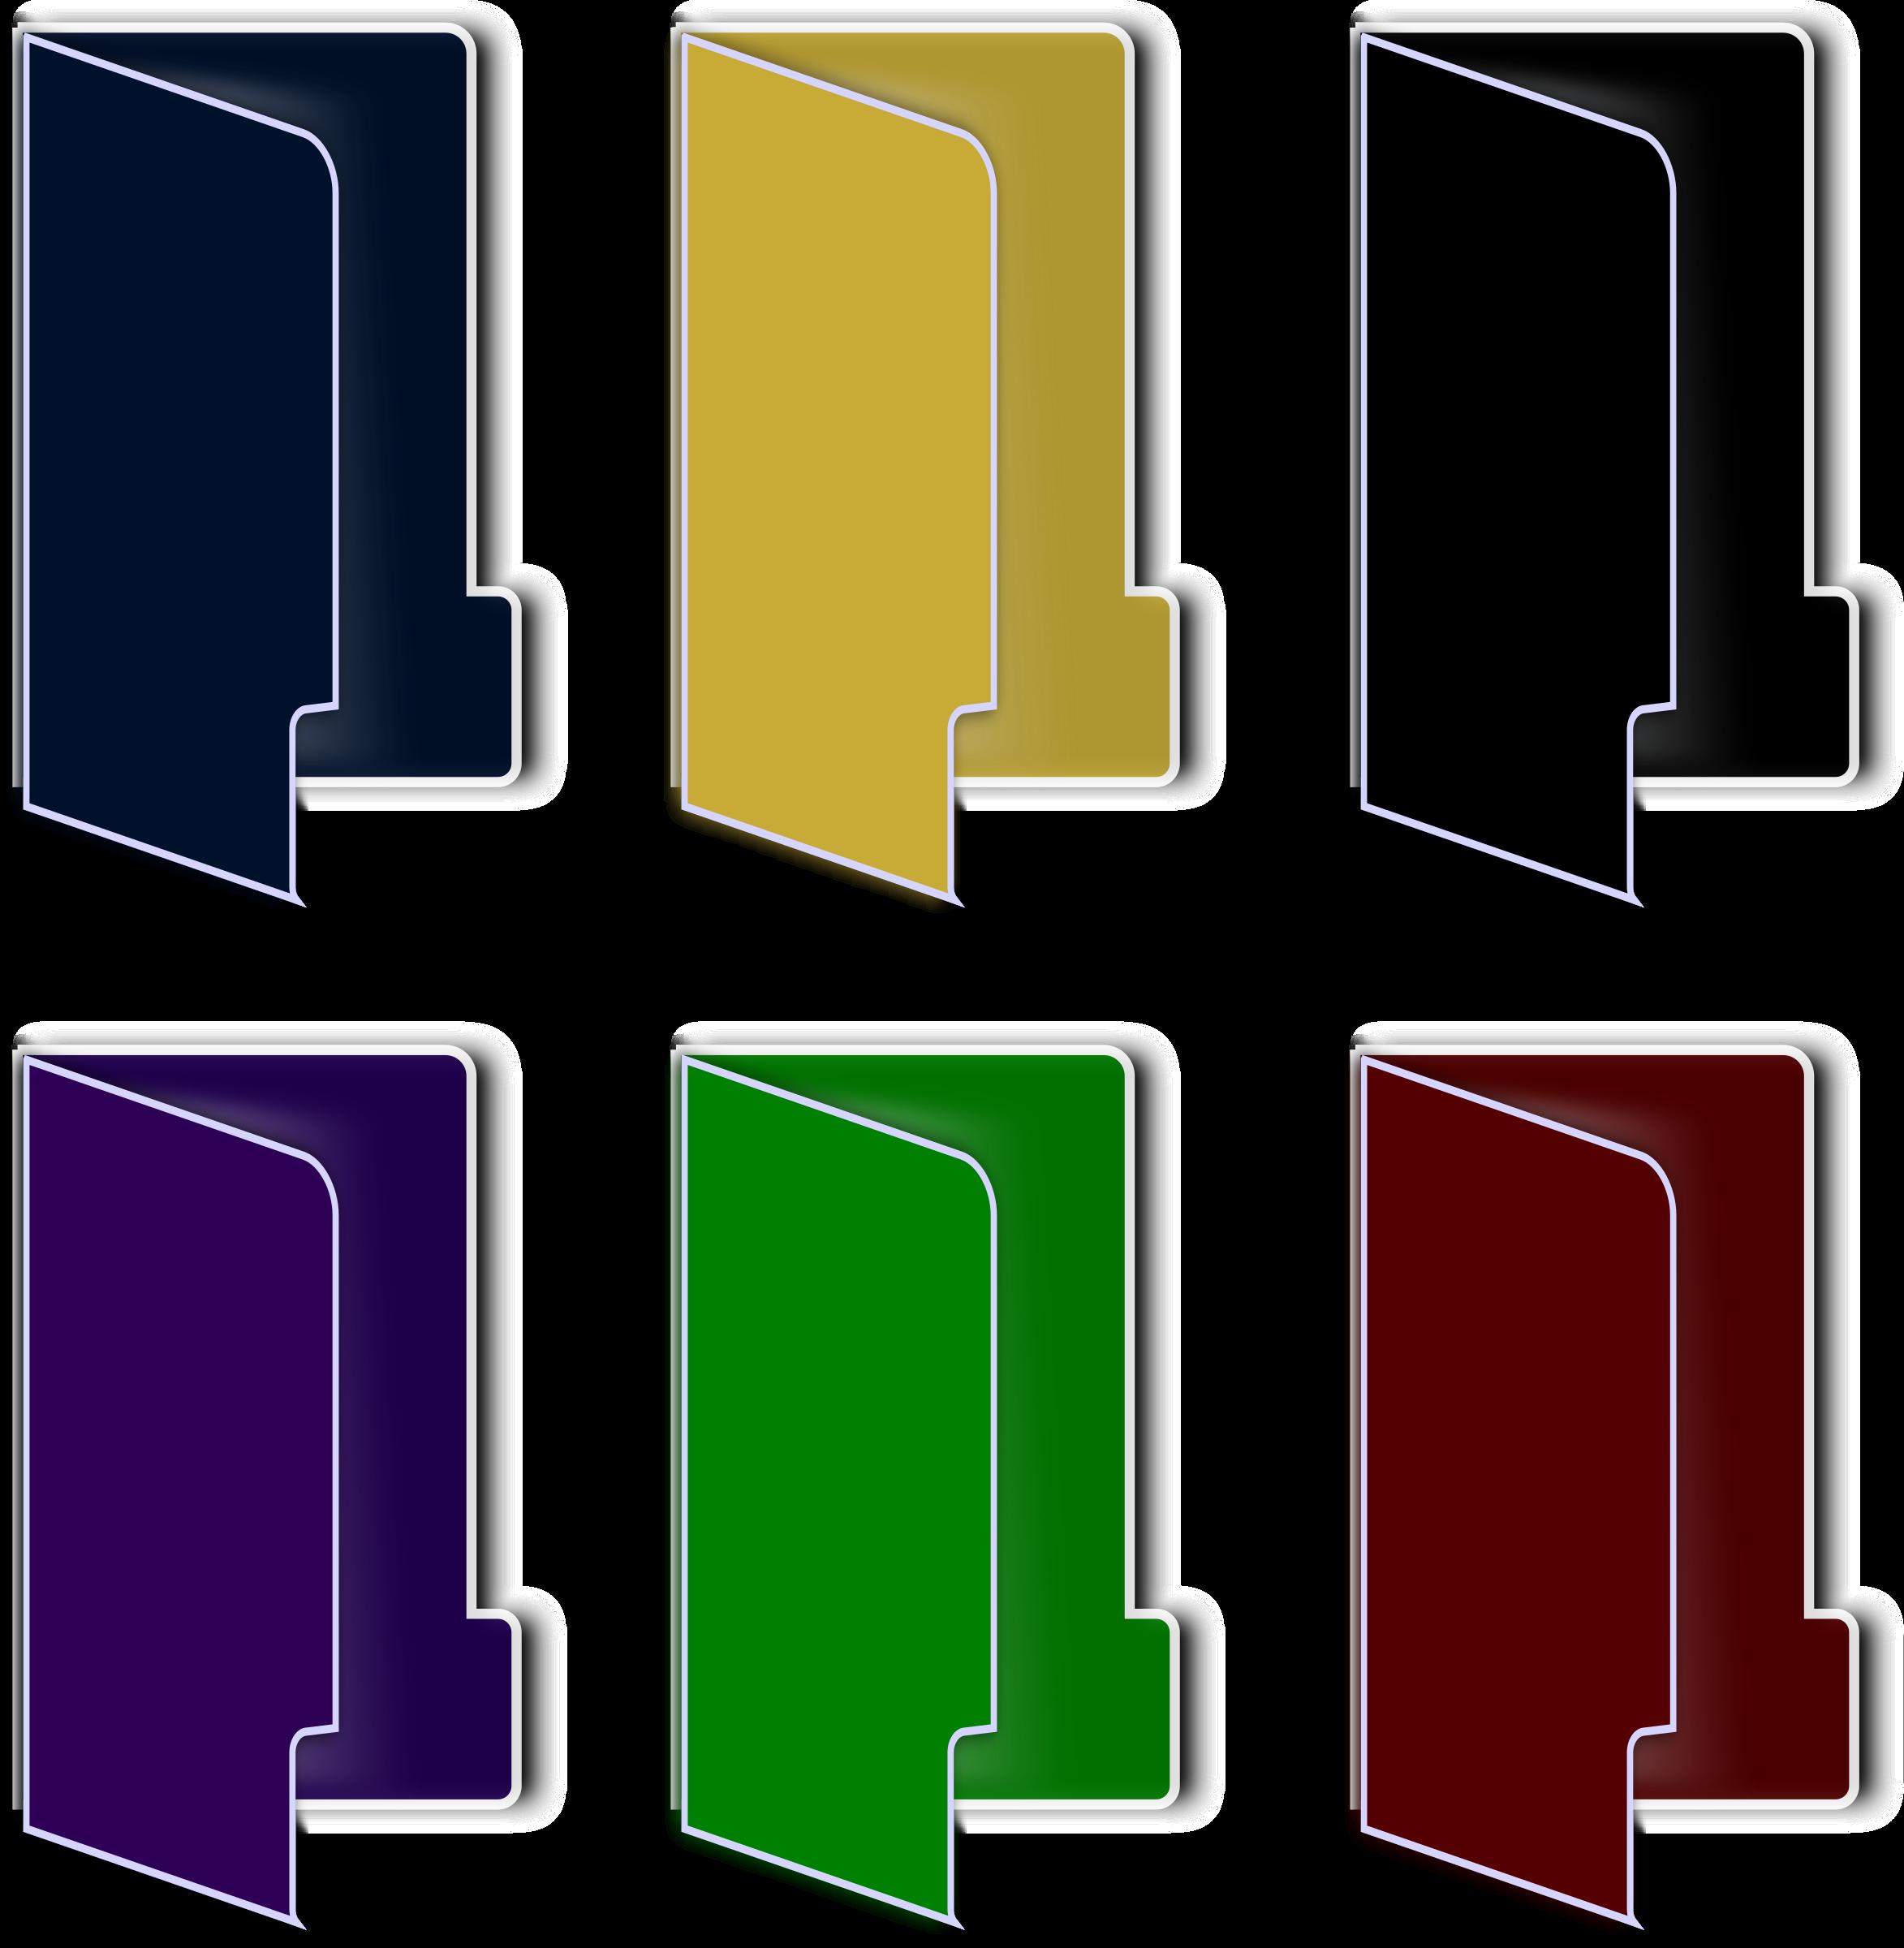 18 Colored Folder Icons Images - Windows Folder Icons ...